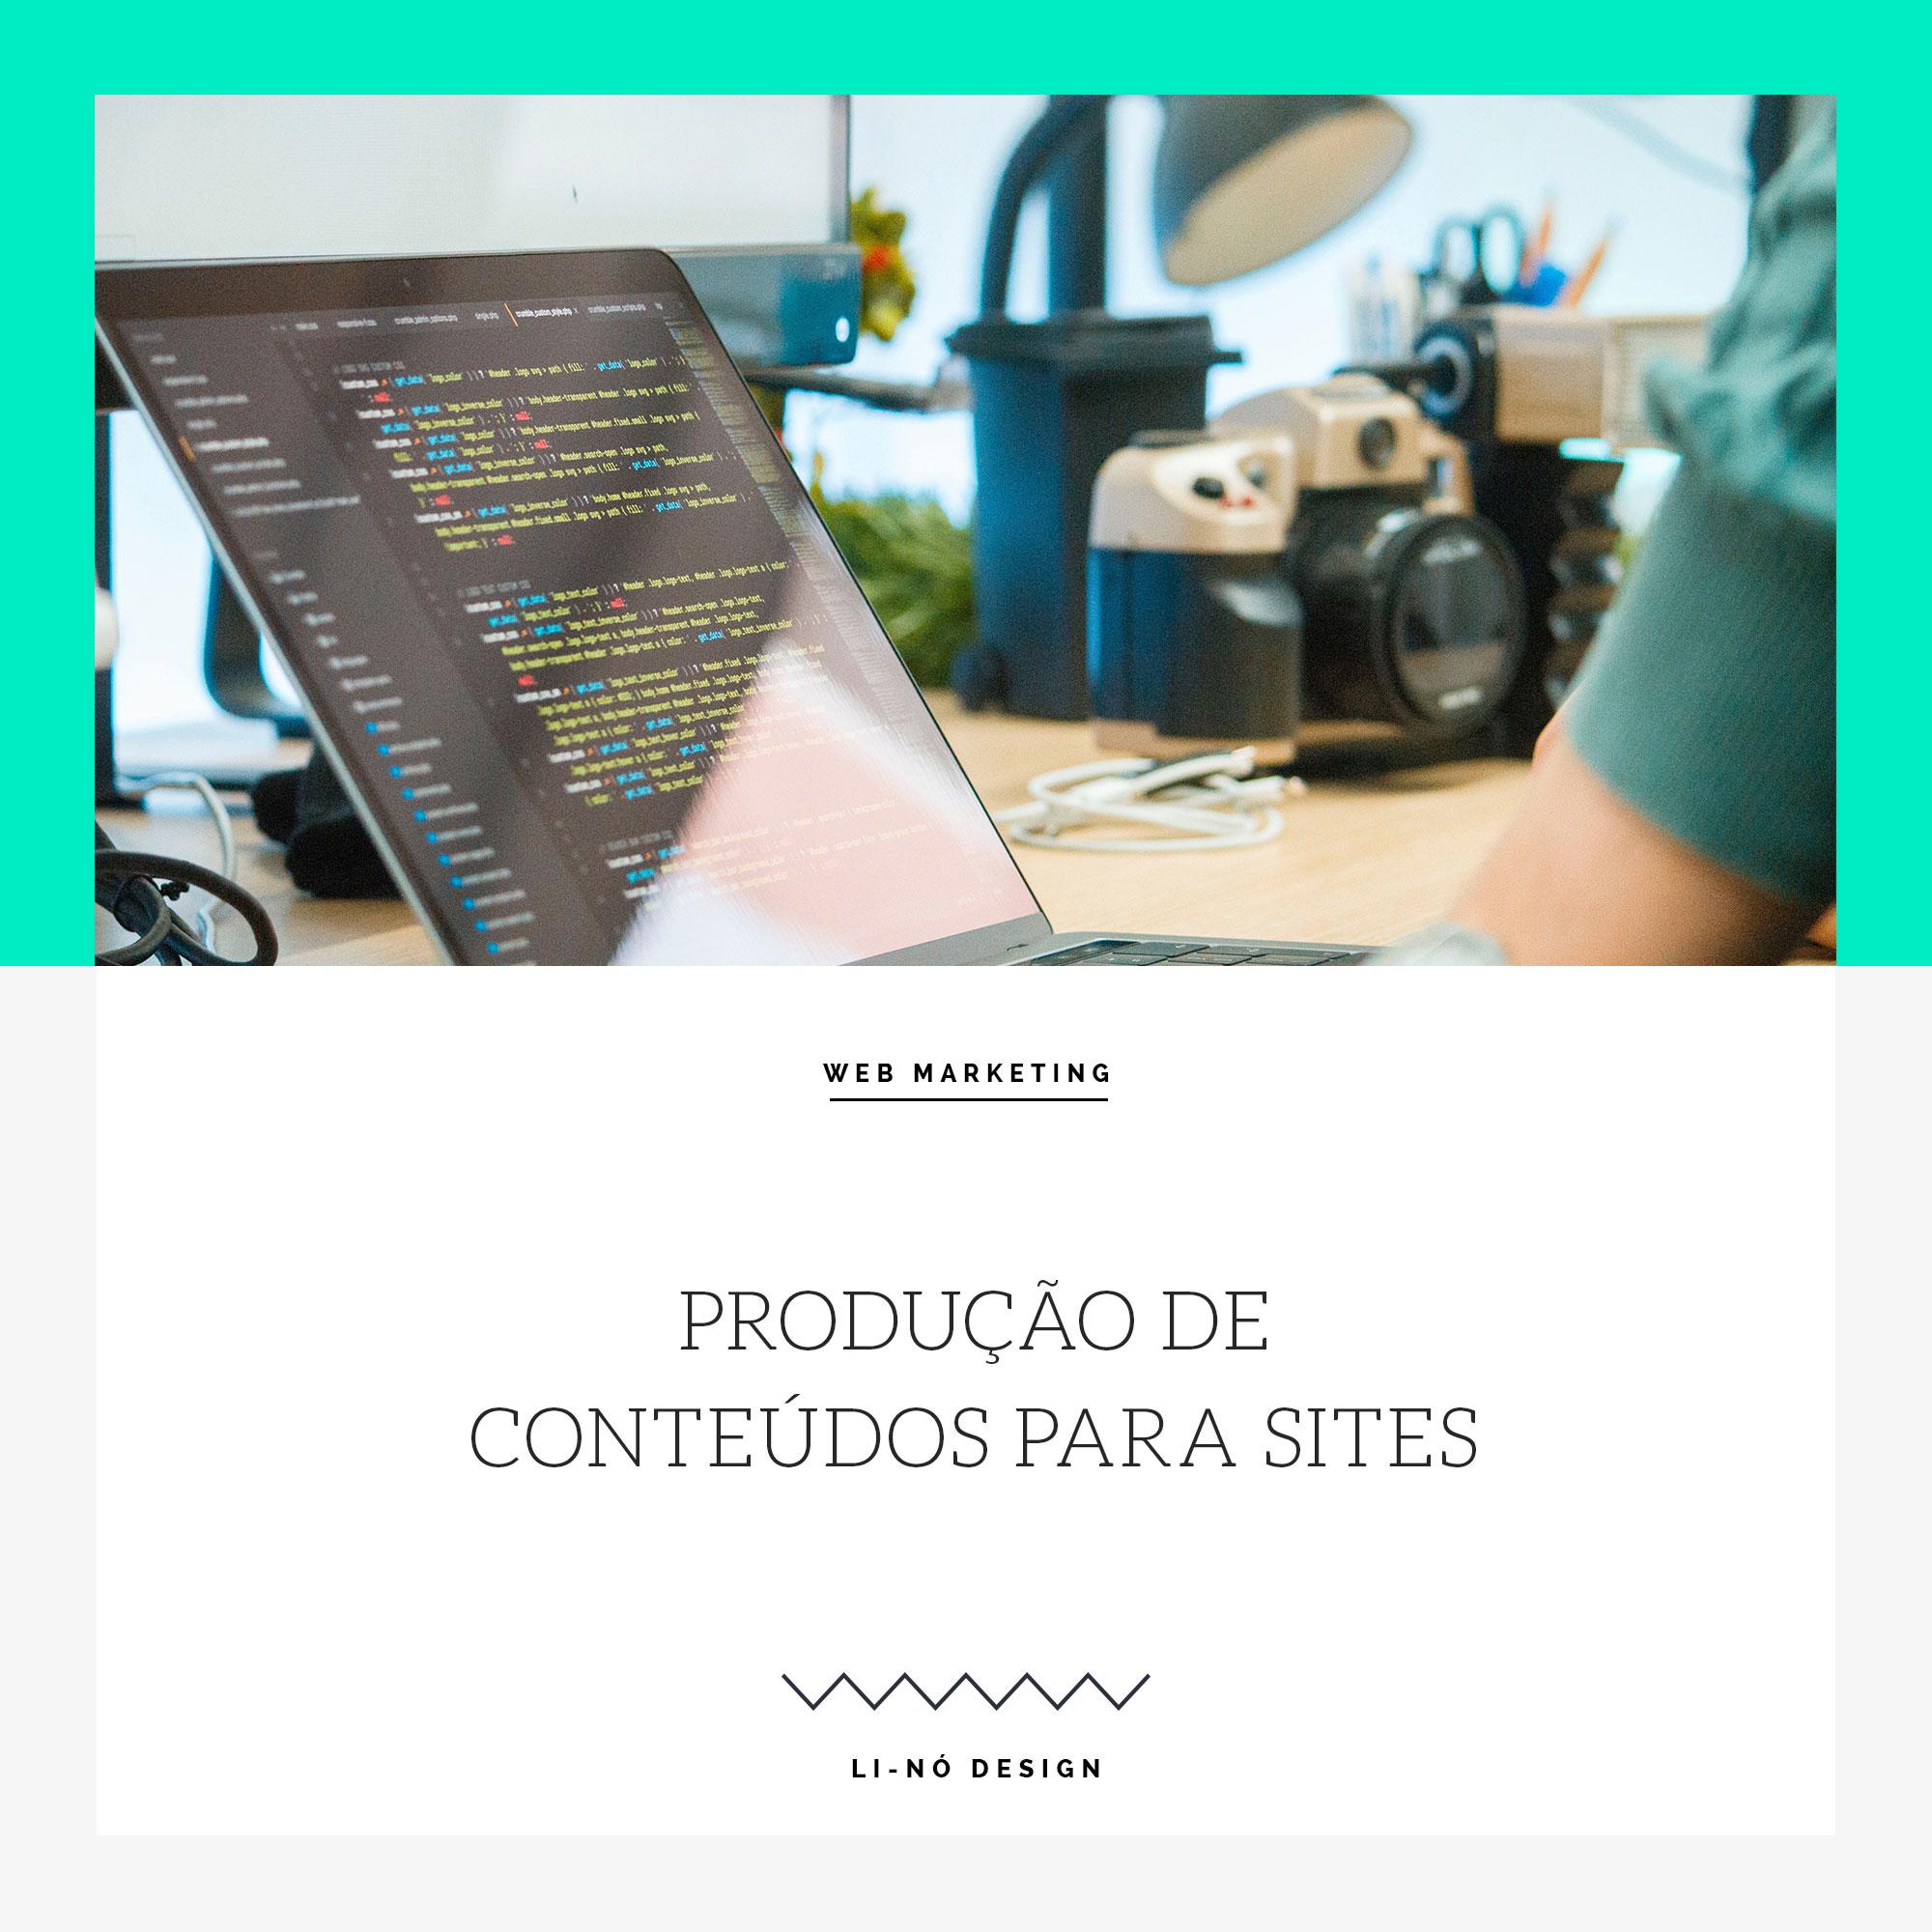 produção de conteúdos